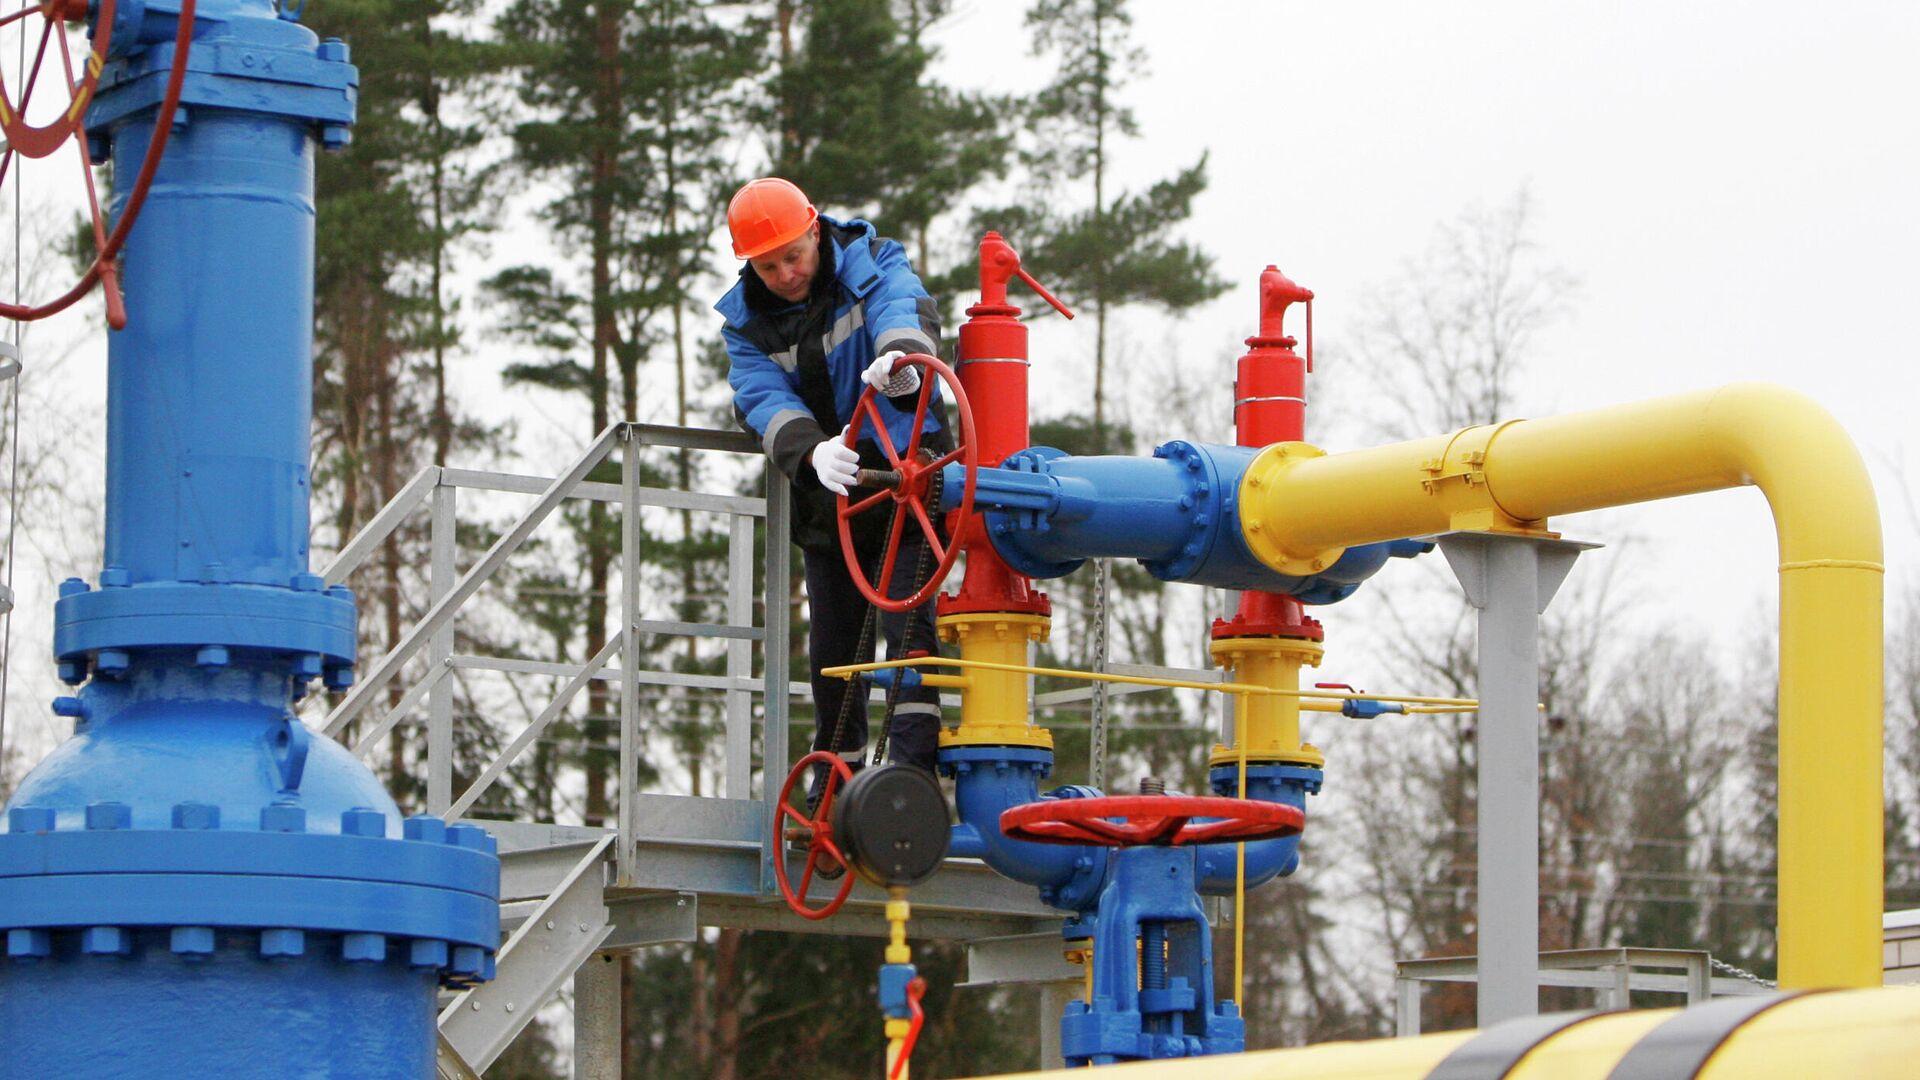 """Чижов: Будапешт учел требования Еврокомиссии в контракте с """"Газпромом"""""""